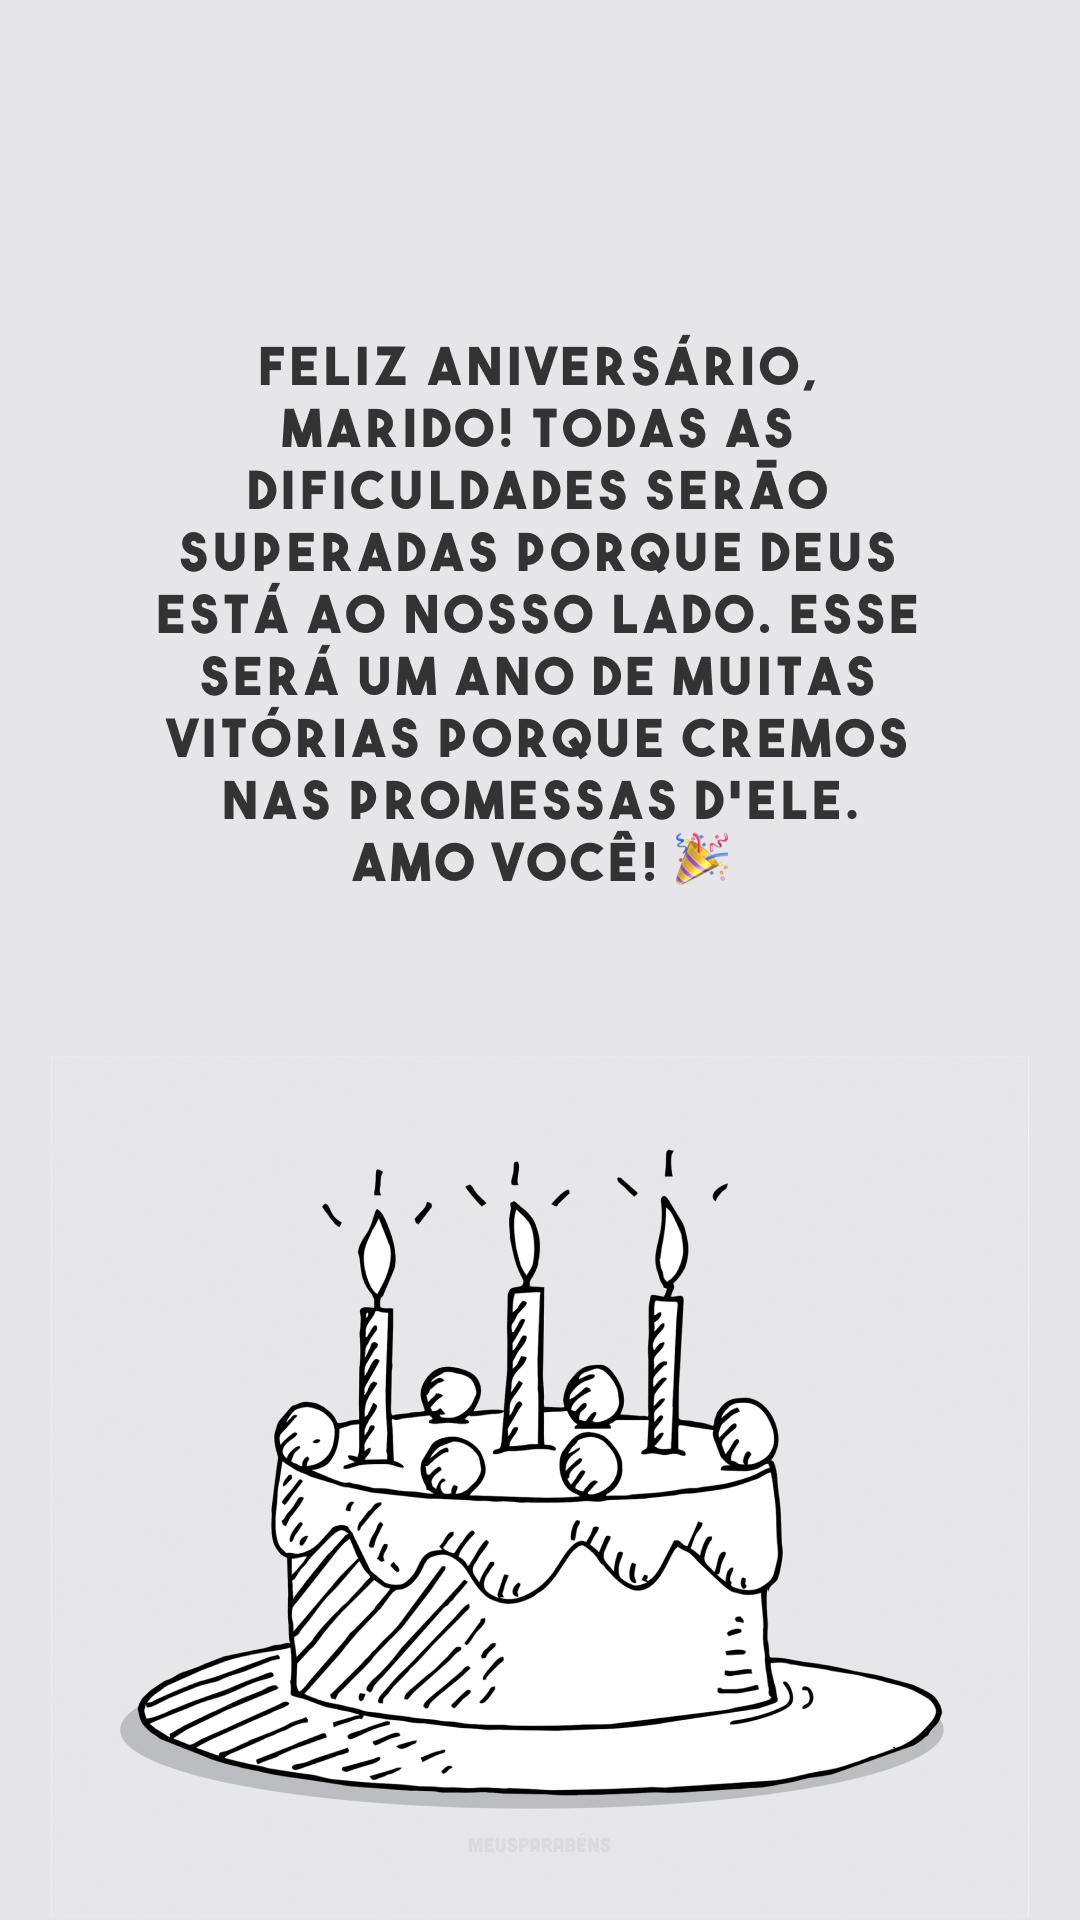 Feliz aniversário, marido! Todas as dificuldades serão superadas porque Deus está ao nosso lado. Esse será um ano de muitas vitórias porque cremos nas promessas d'Ele. Amo você! 🎉